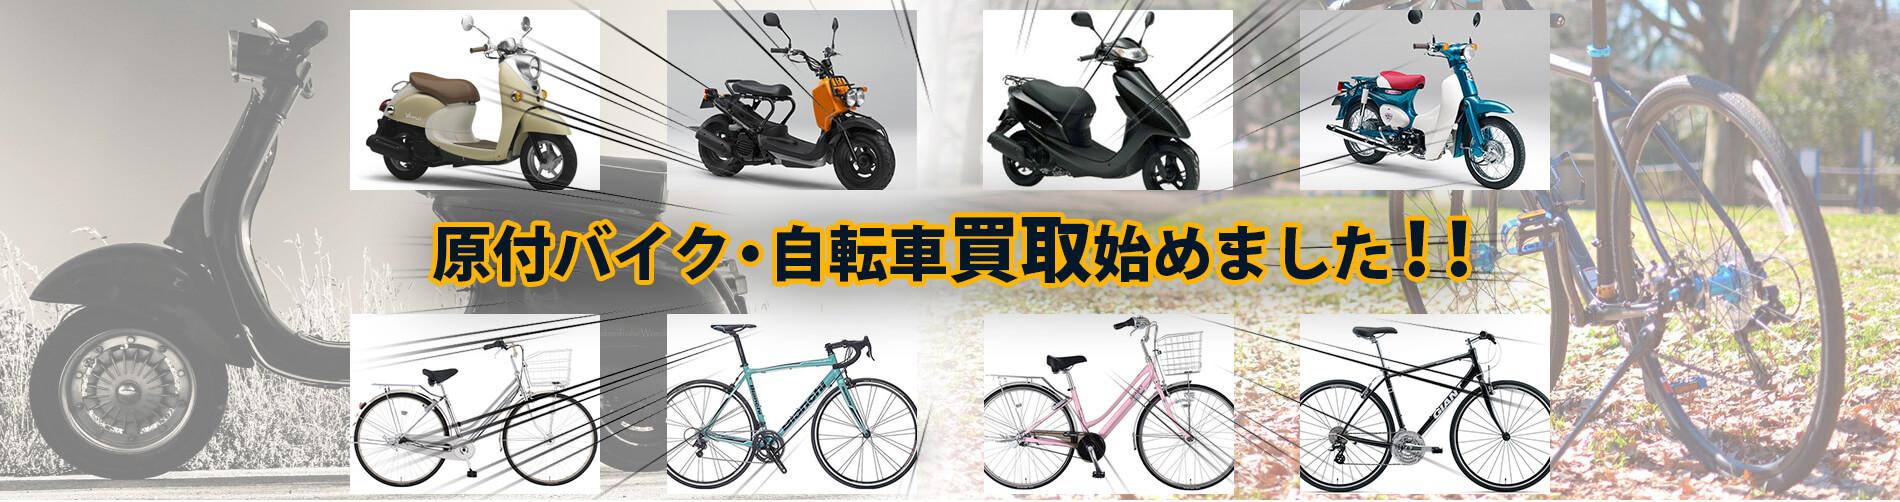 原付バイク・自転車買い取ります!